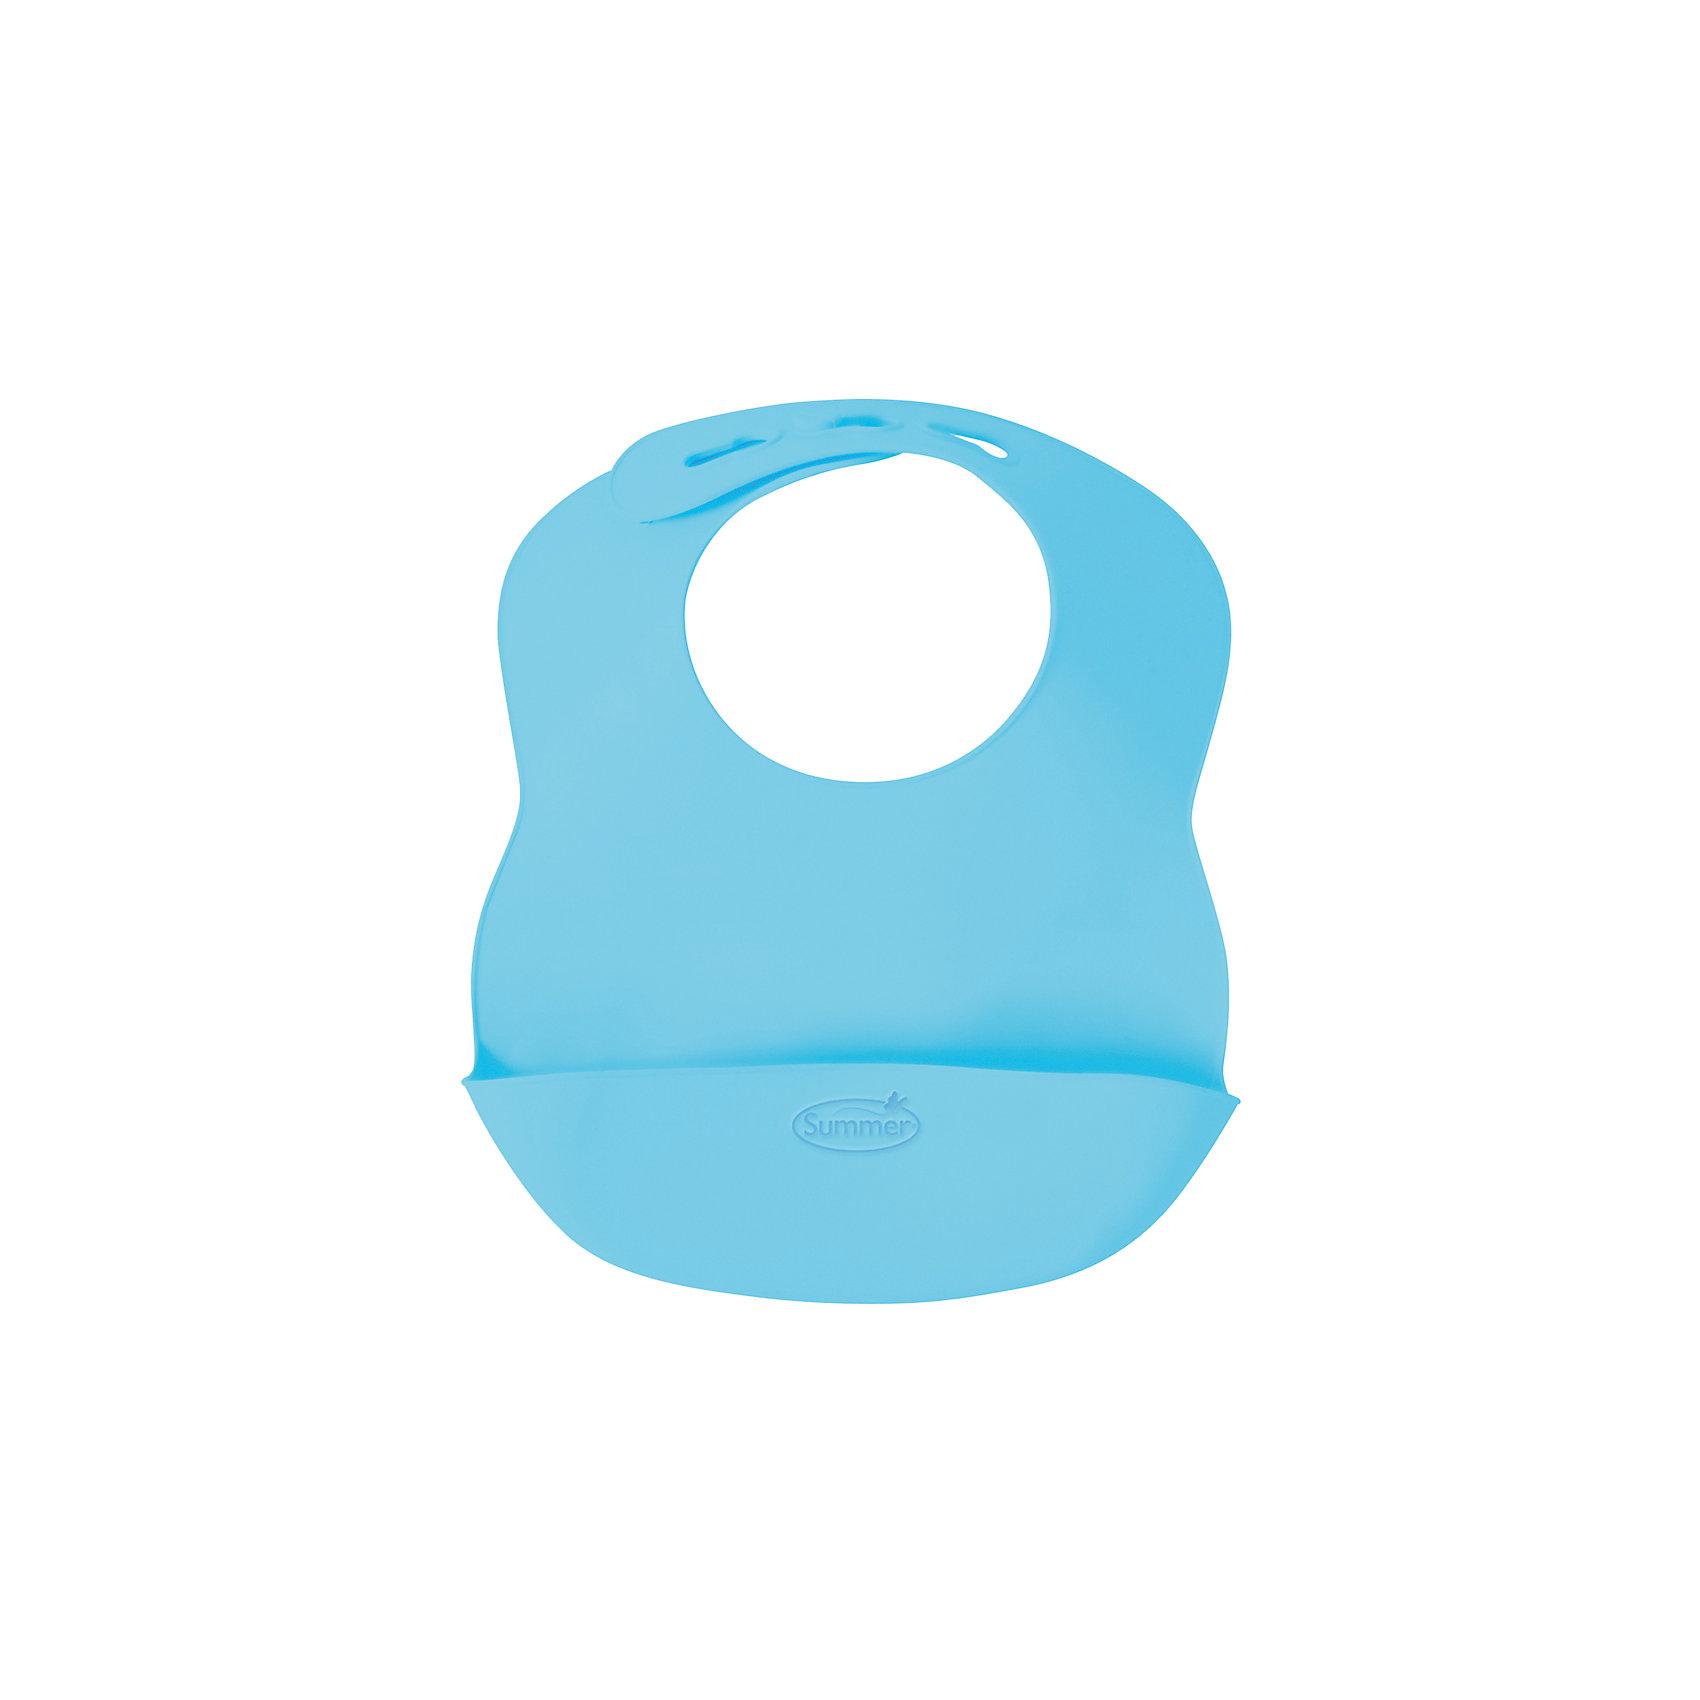 Нагрудник Bibbity, Summer Infant,голубойНагрудники и салфетки<br>Характеристики:<br><br>• регулируемый размер воротничка нагрудника;<br>• кармашек для крошек;<br>• мягкие изгибы нагрудника;<br>• не содержит бисфинол А;<br>• материал: гибкий пластик;<br>• размер нагрудника: 27,5х23х5 см;<br>• вес: 120 г.<br><br>Пластиковый нагрудник пригодится малышам старше 6 месяцев. Специальный кармашек создан специально для собирания крошек, которые сыплются в процессе приема пищи ребенком. Нагрудник имеет регулируемый ремешок, чтобы подобрать оптимальный размер окружности воротничка нагрудники на шейке ребенка. Легко моется и освобождается от остатков пищи. <br><br>Нагрудник Bibbity, Summer Infant, голубой можно купить в нашем интернет-магазине.<br><br>Ширина мм: 230<br>Глубина мм: 275<br>Высота мм: 50<br>Вес г: 120<br>Возраст от месяцев: 6<br>Возраст до месяцев: 36<br>Пол: Мужской<br>Возраст: Детский<br>SKU: 5508009